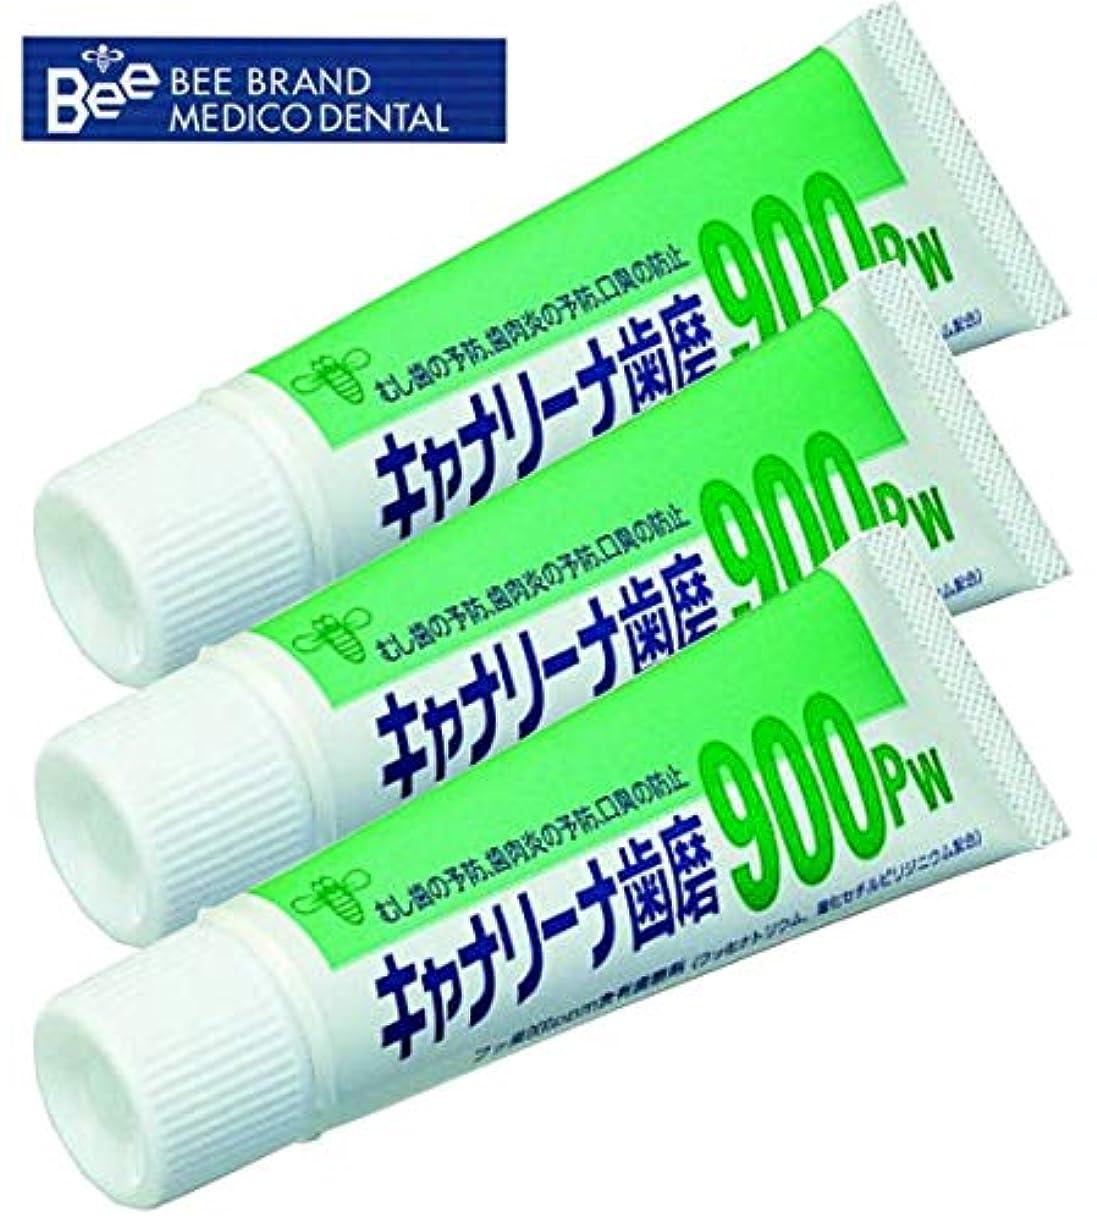 デコレーション自分の友情ビーブランド(BeeBrand) キャナリーナ 歯磨 900Pw × 3本セット 医薬部外品